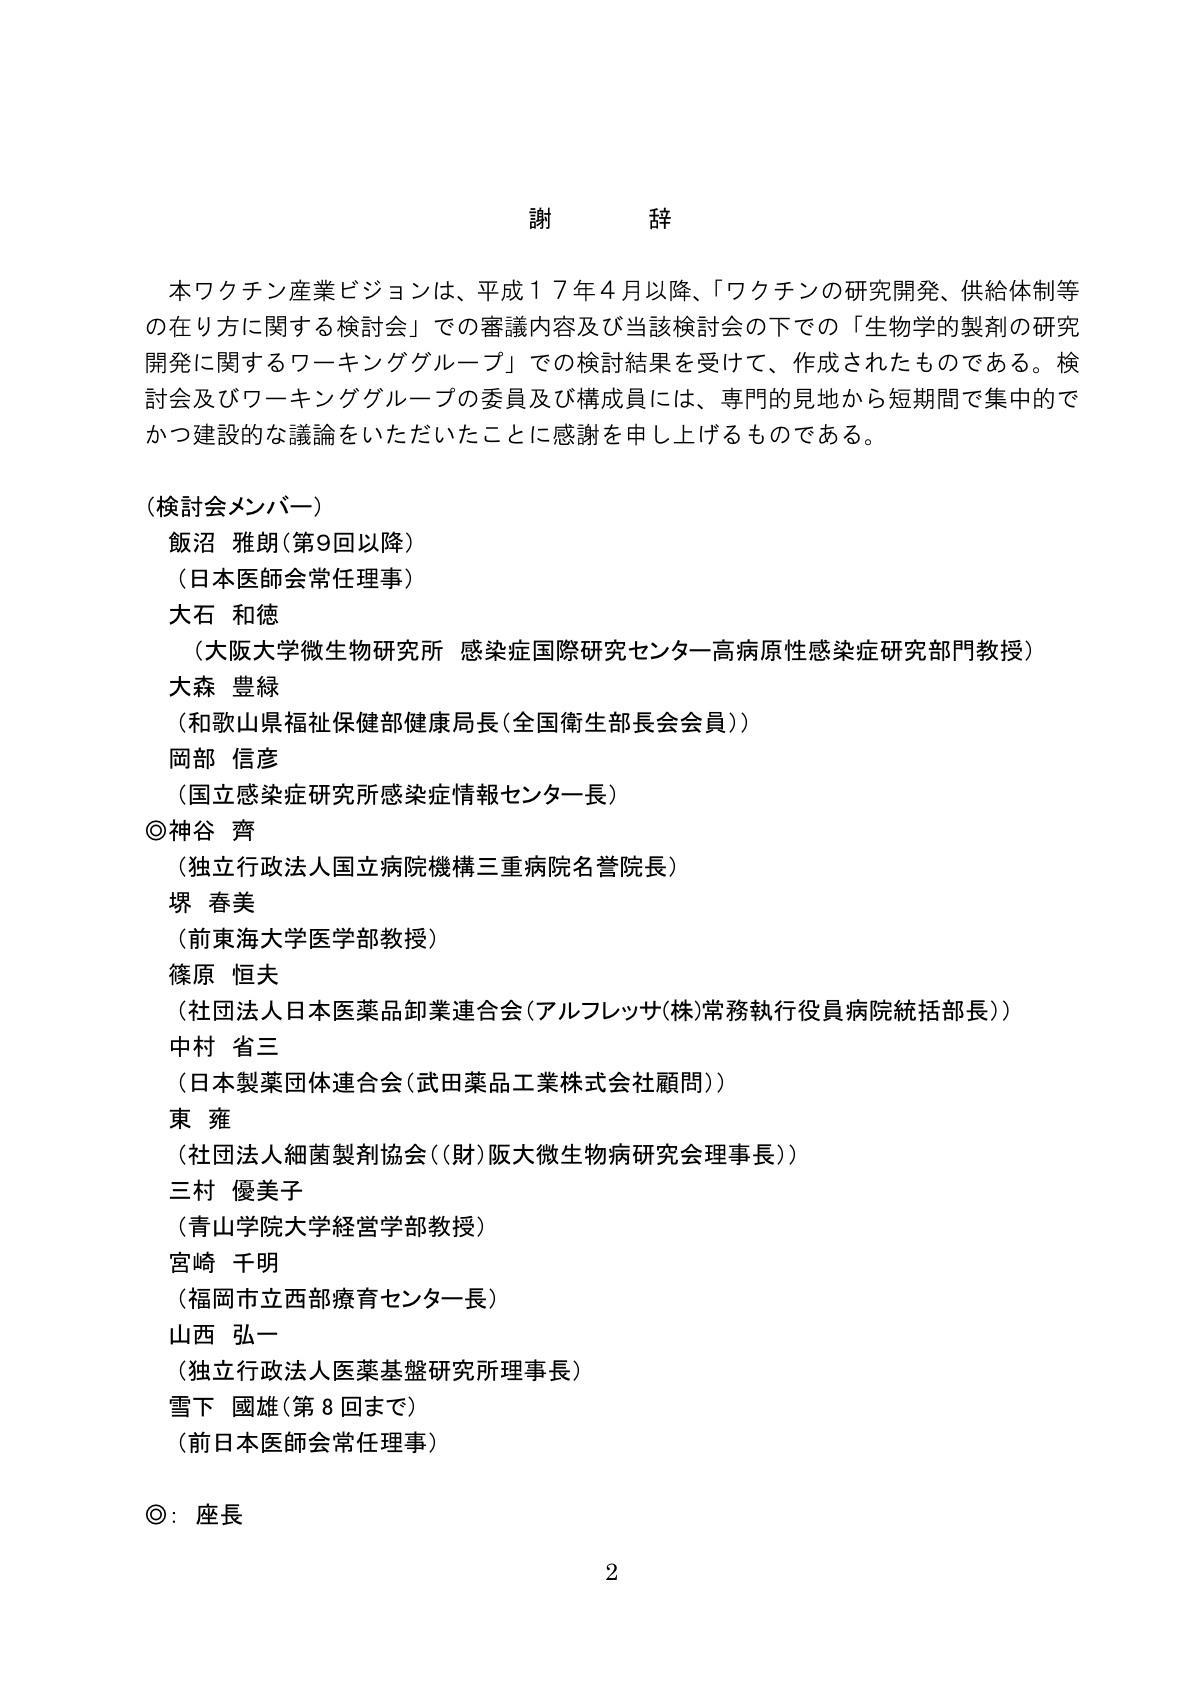 日本の「ワクチンビジネス」の首謀者たち:無知のなせる技か?_e0171614_22283114.jpg